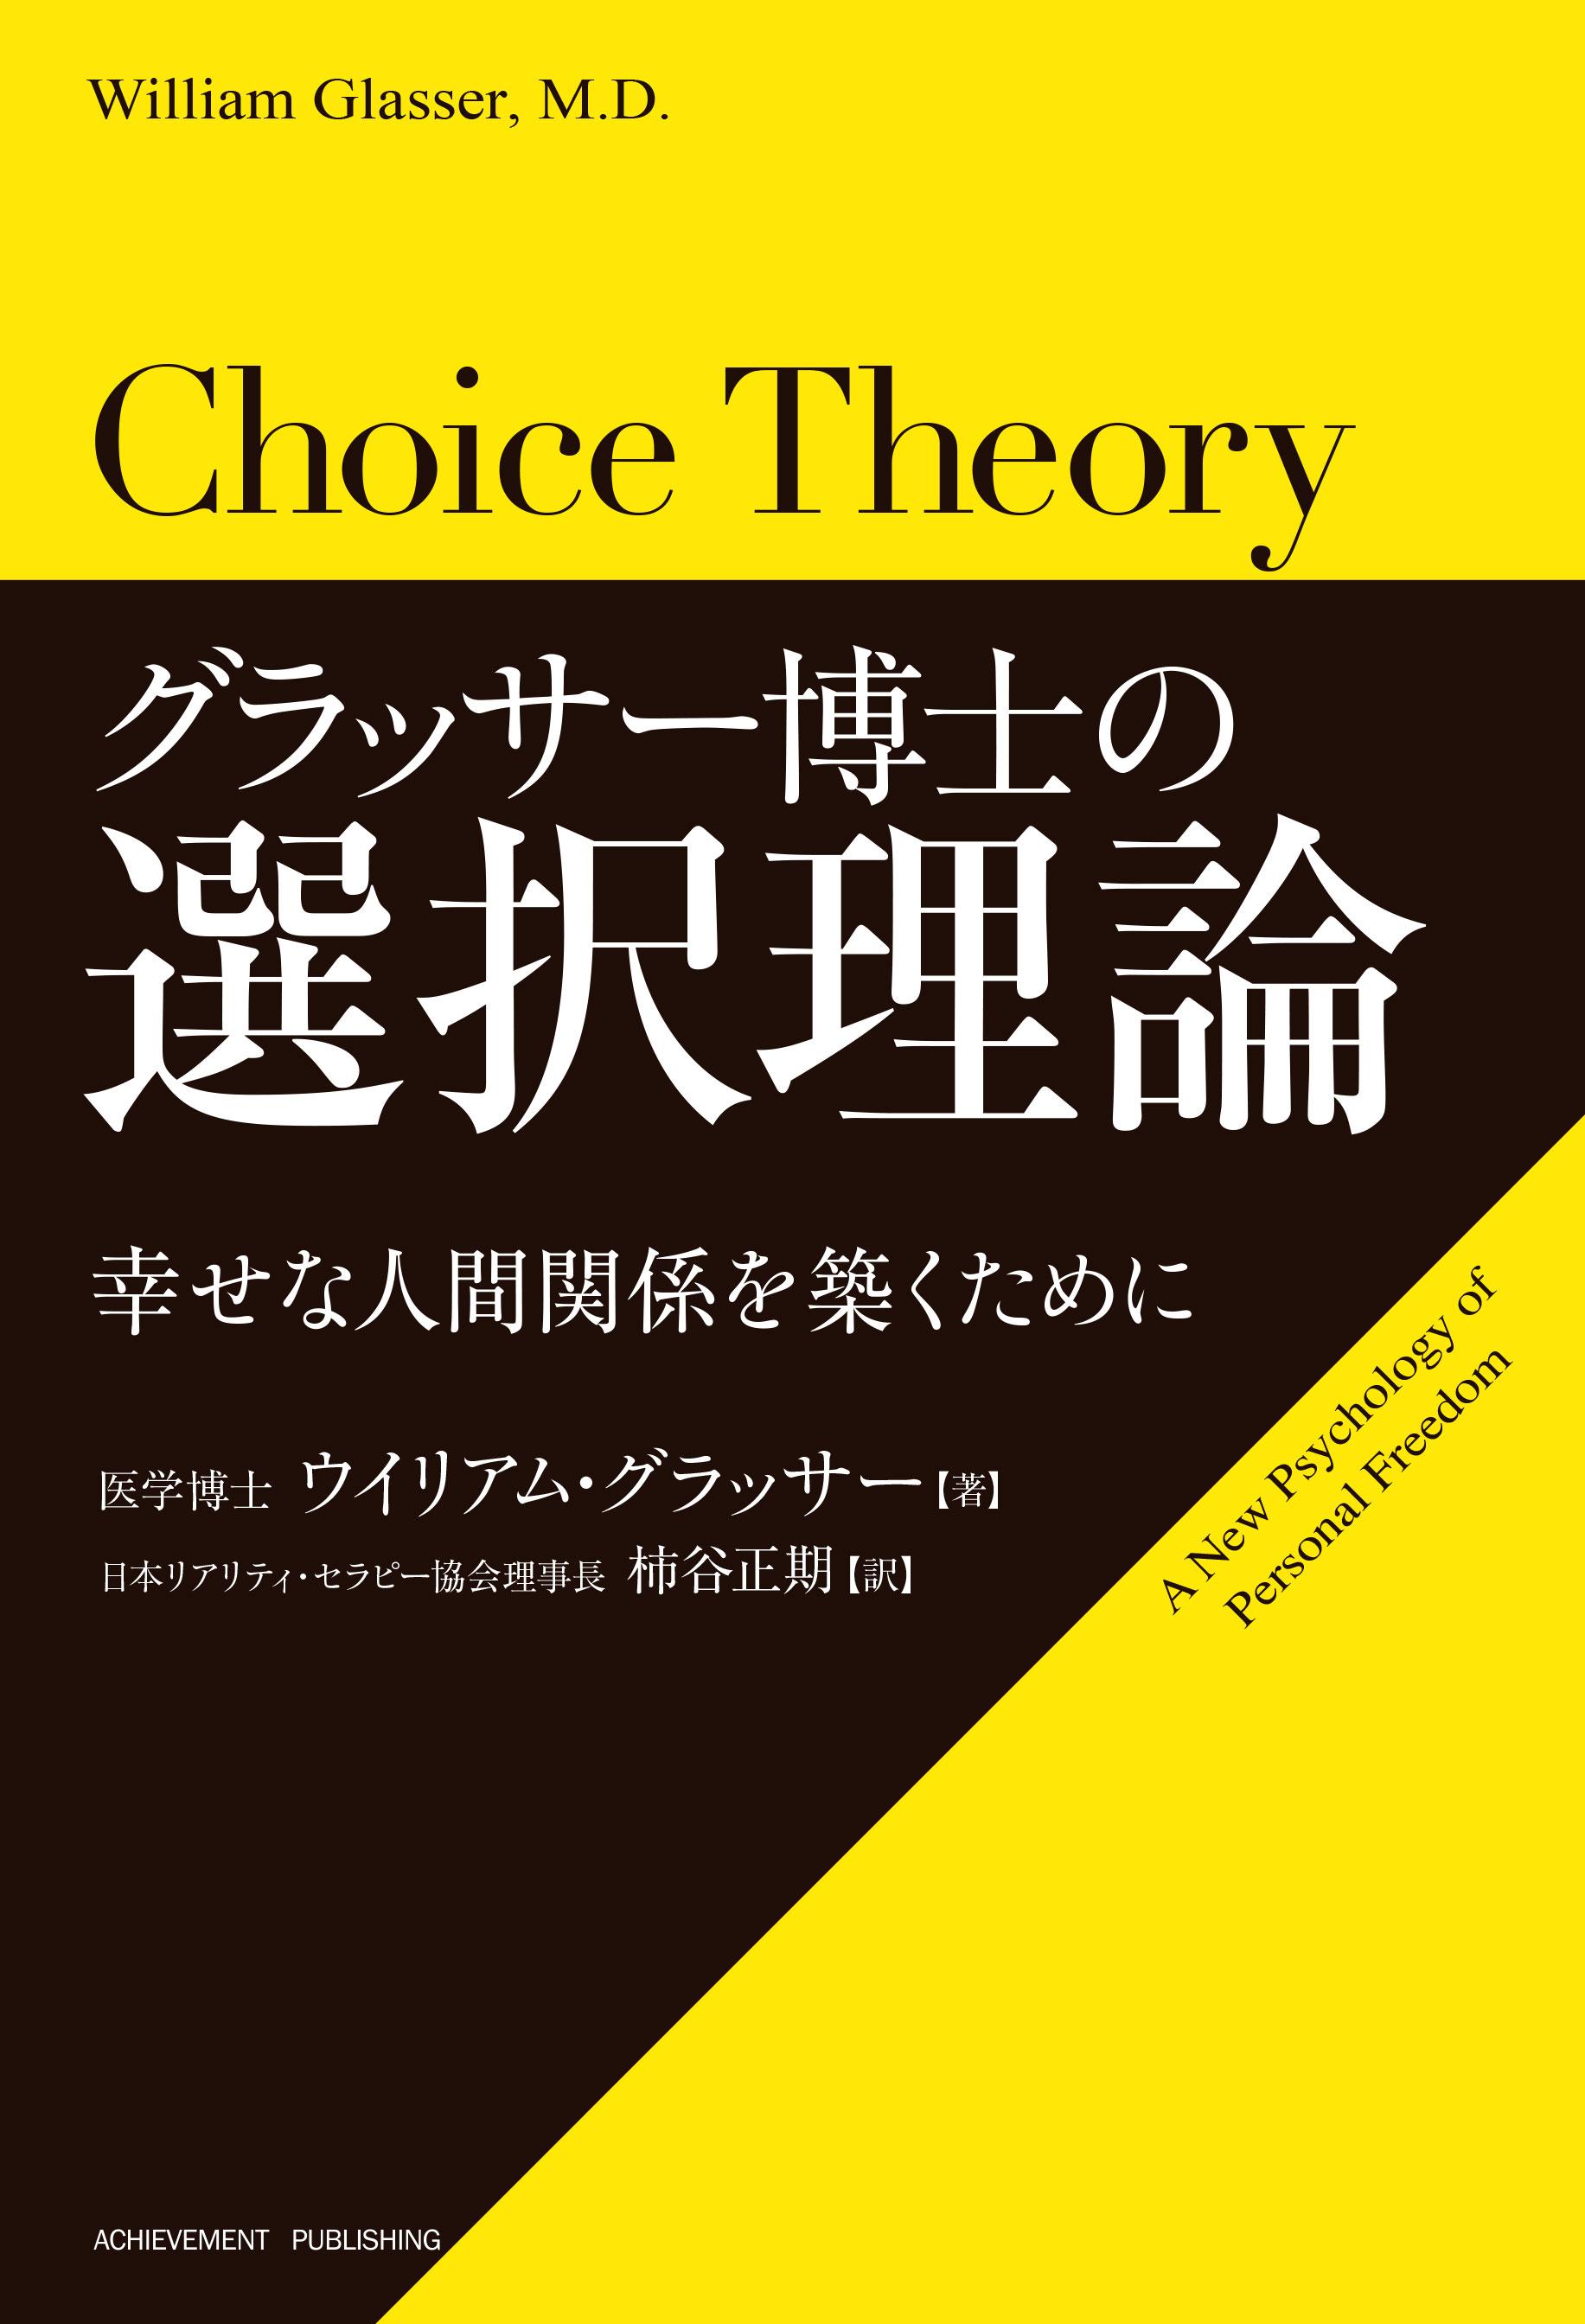 グラッサー博士の選択理論の画像2